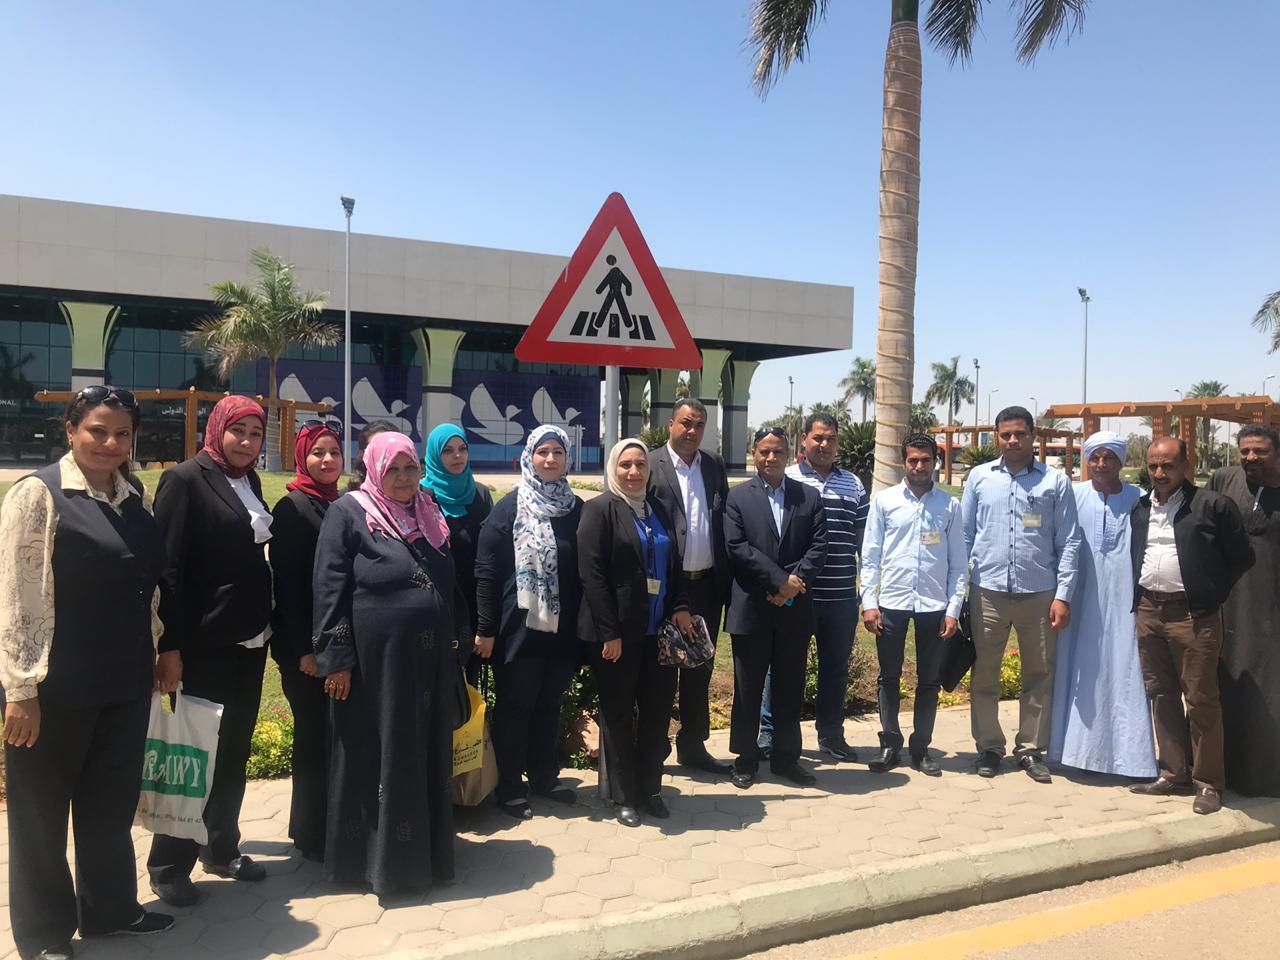 العاملين بمطار الأقصر يتوجهون للمشاركة في الإستفتاء على التعديلات الدستورية